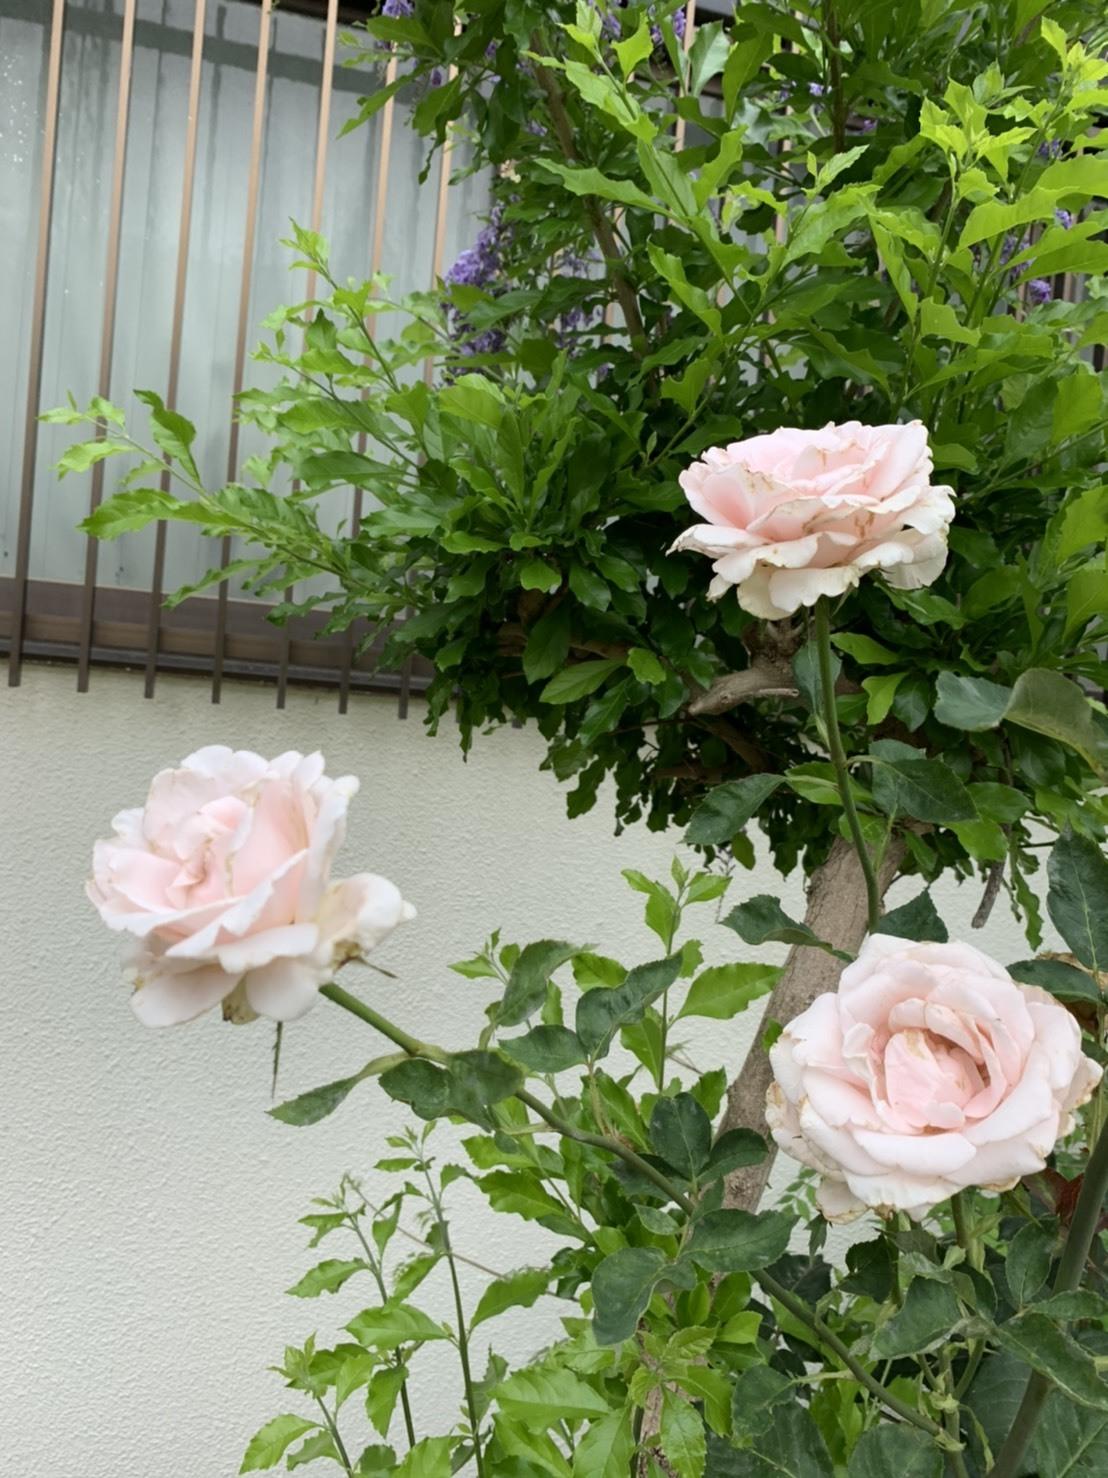 園庭にもたくさんのお花が咲きました!_d0053323_07545994.jpeg